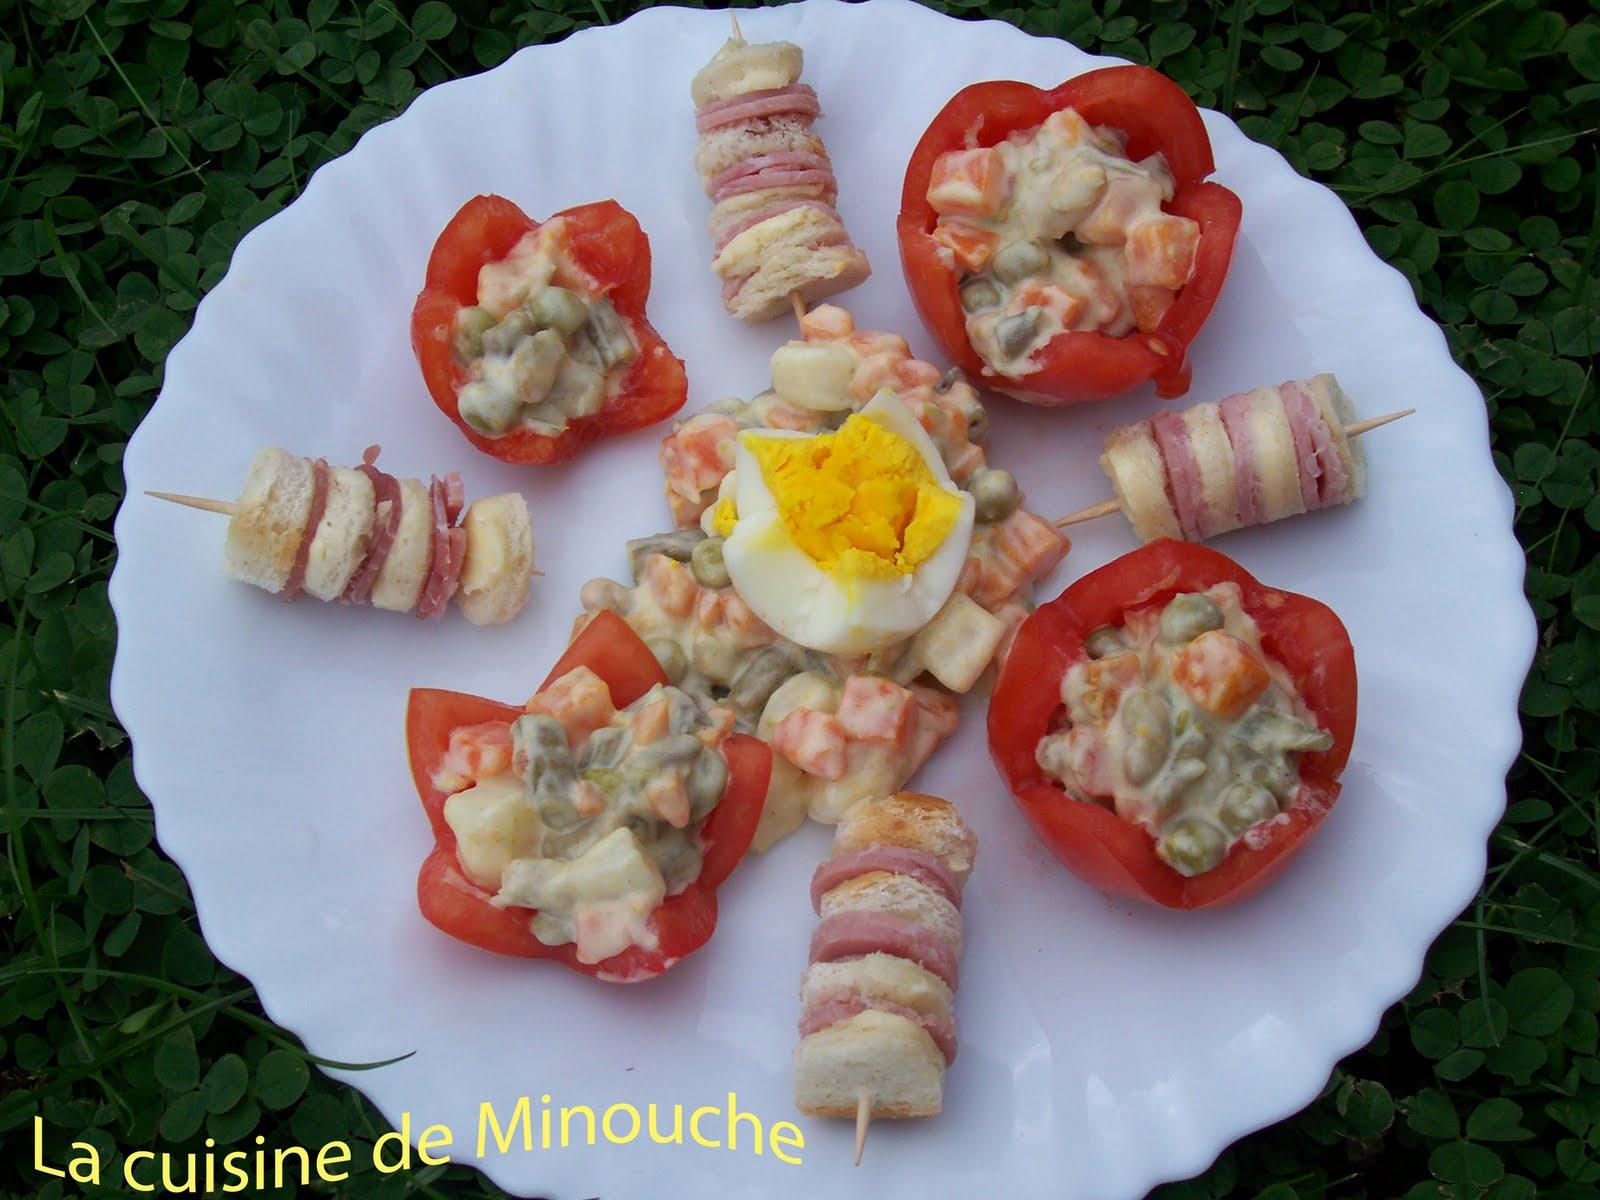 La cuisine de minouche ao t 2010 for Petite entree sympa